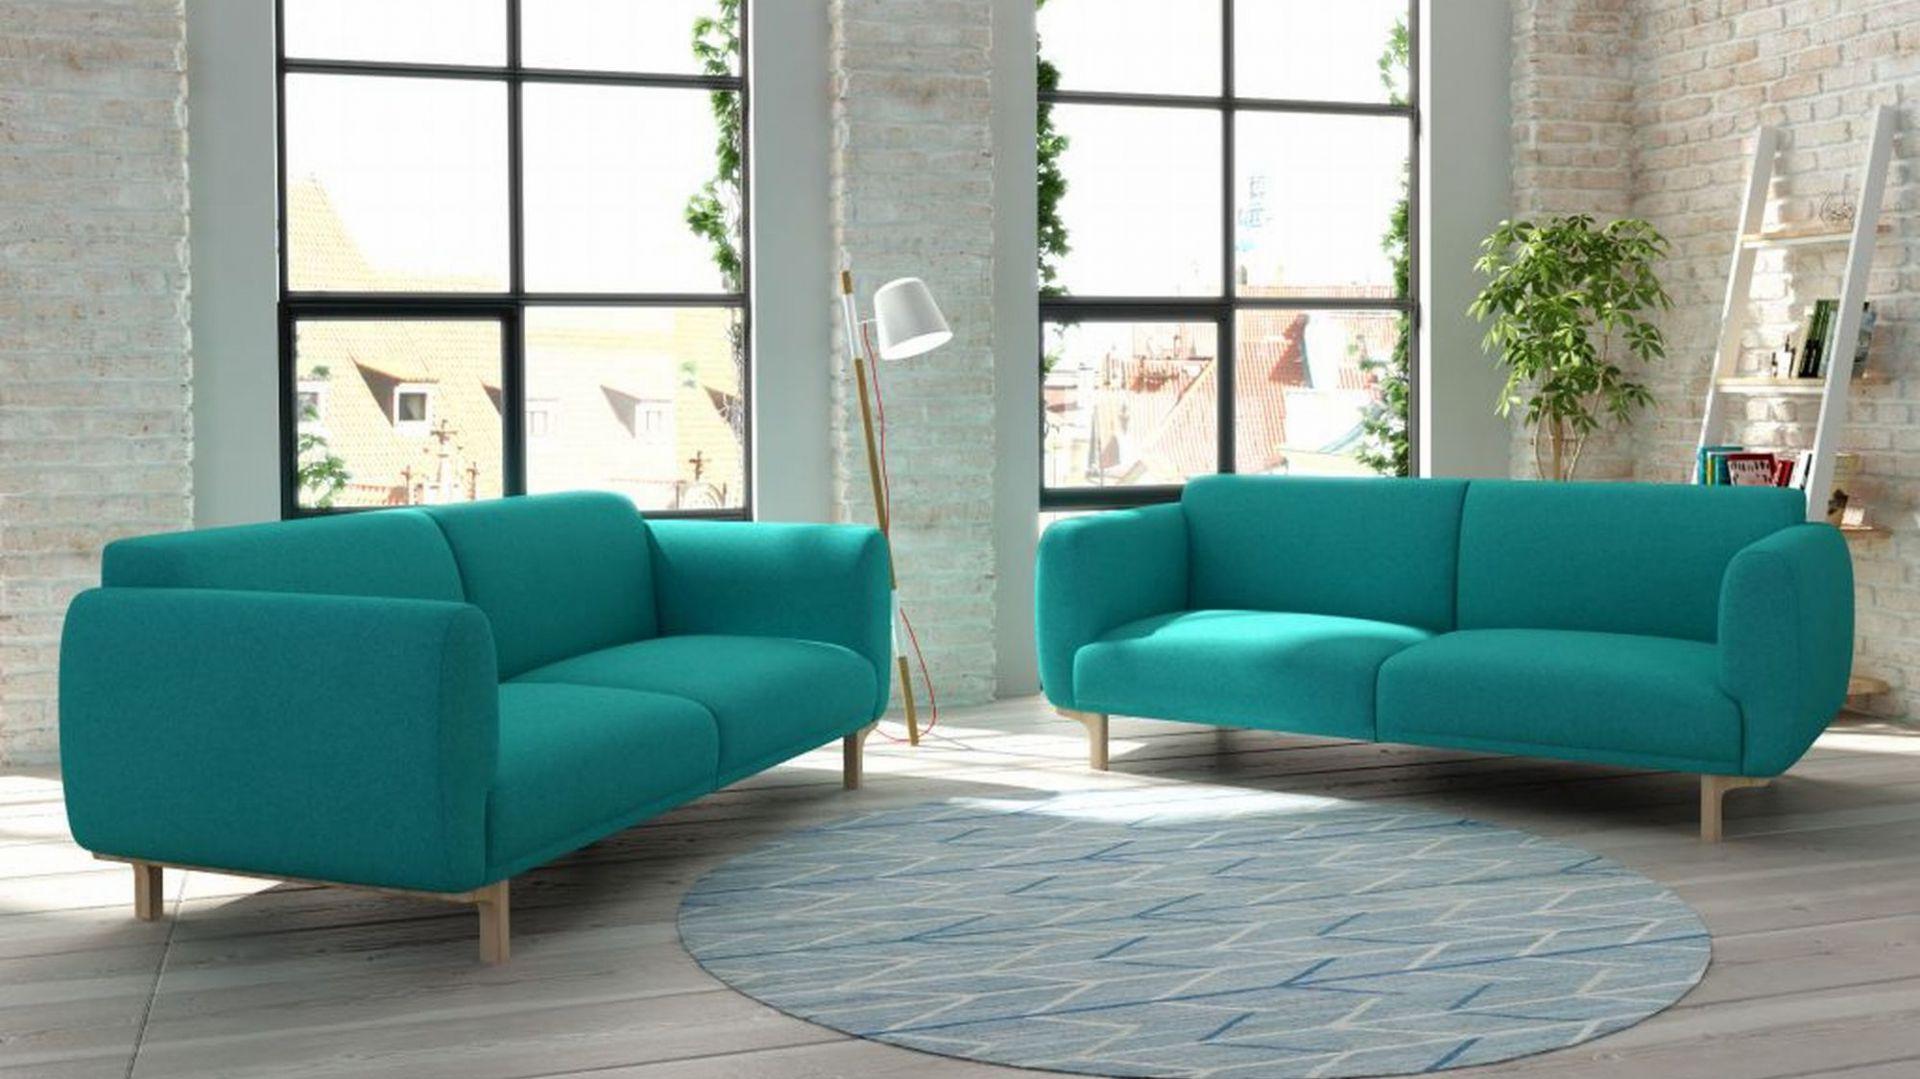 Sofa w salonie: 10 ciekawych aranżacji